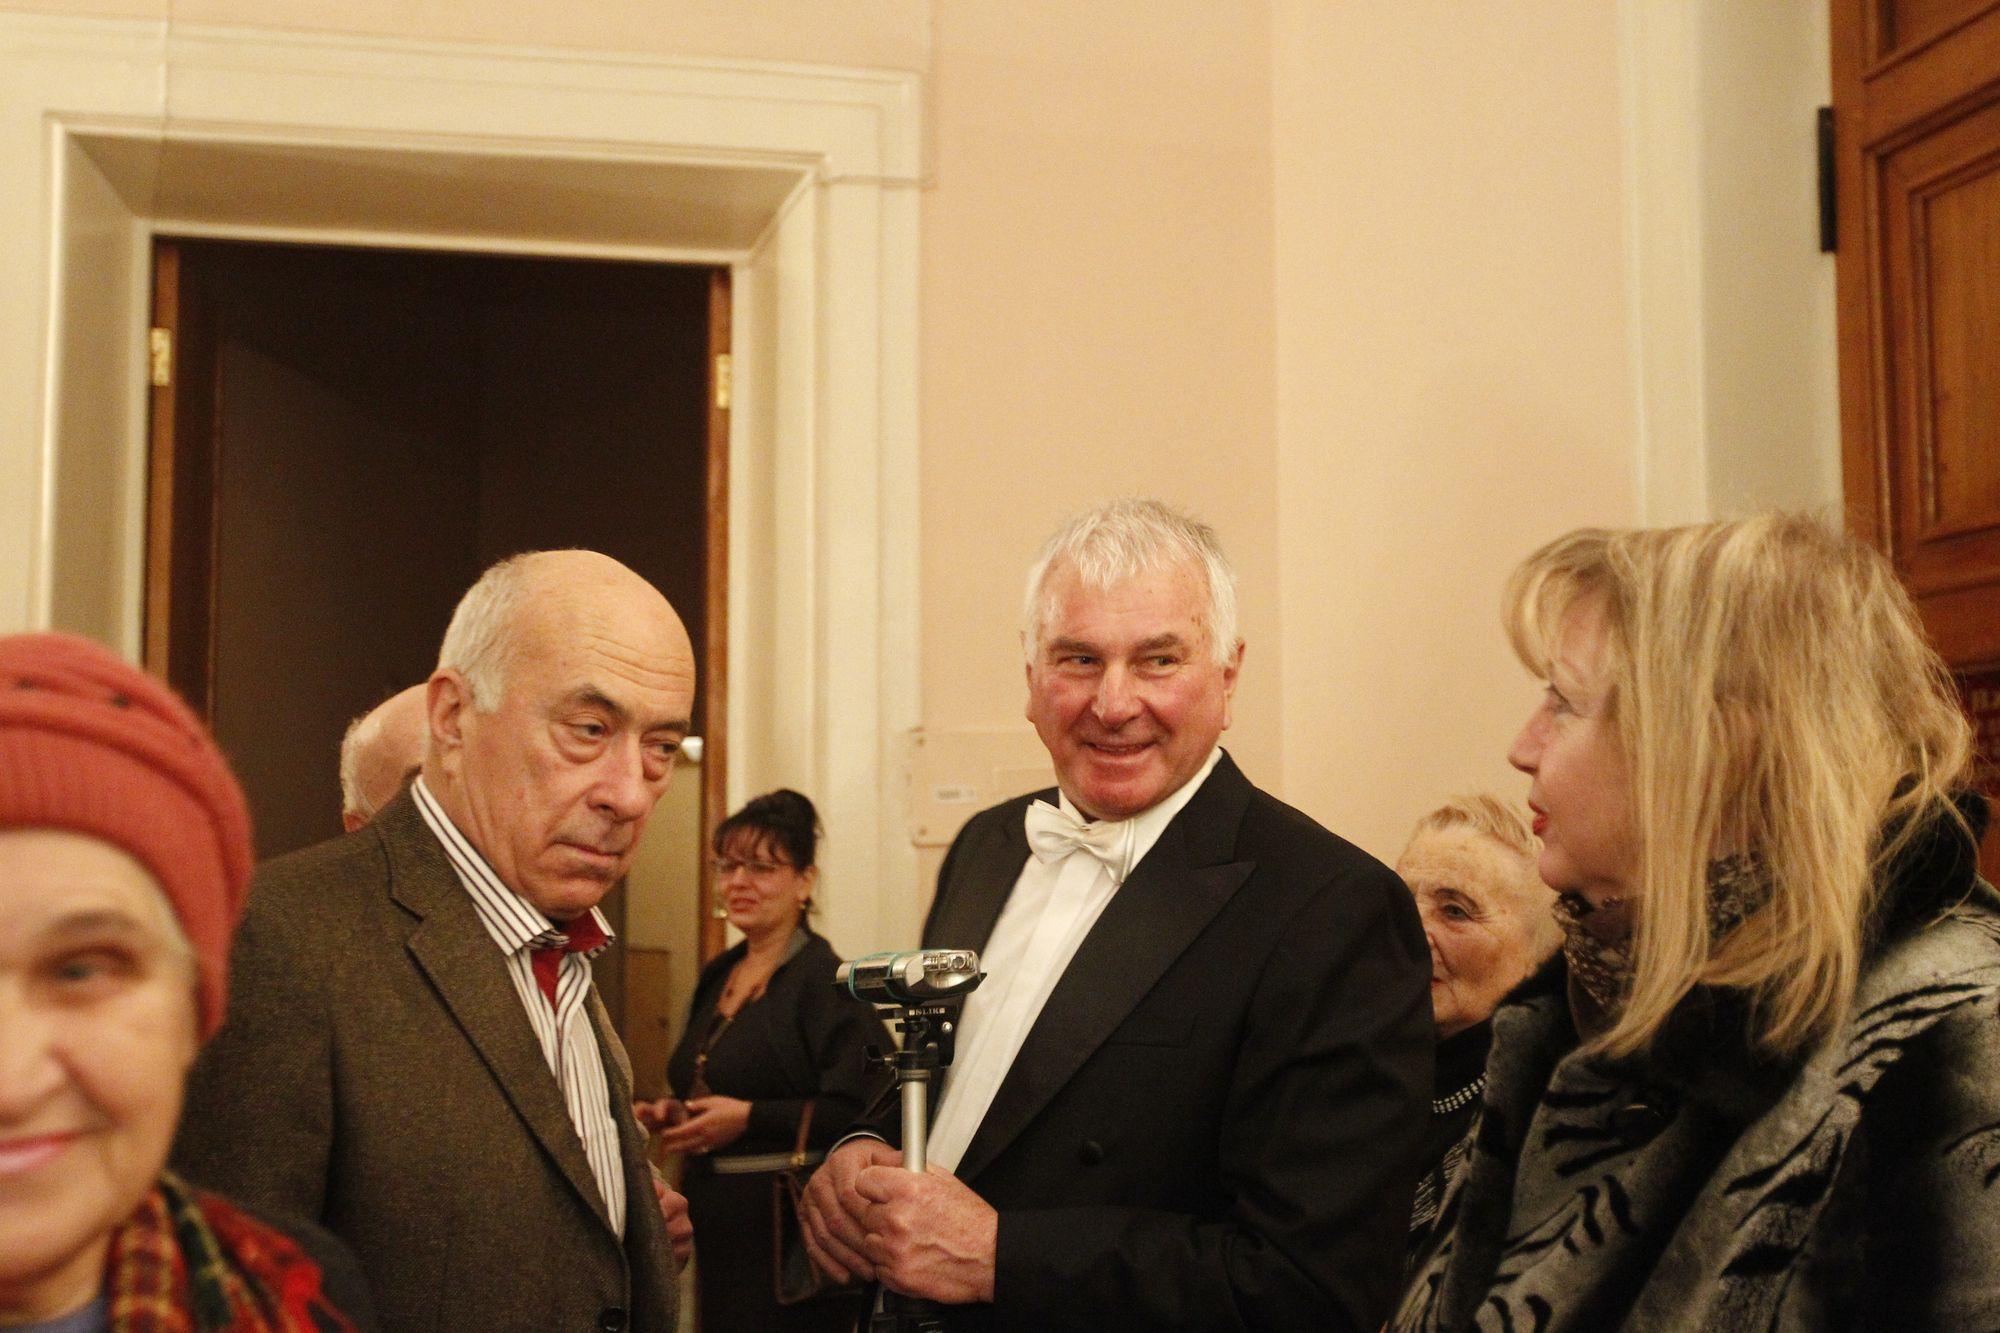 Музикант Микола Сукач став почесним громадянином Чернігова (Фото)